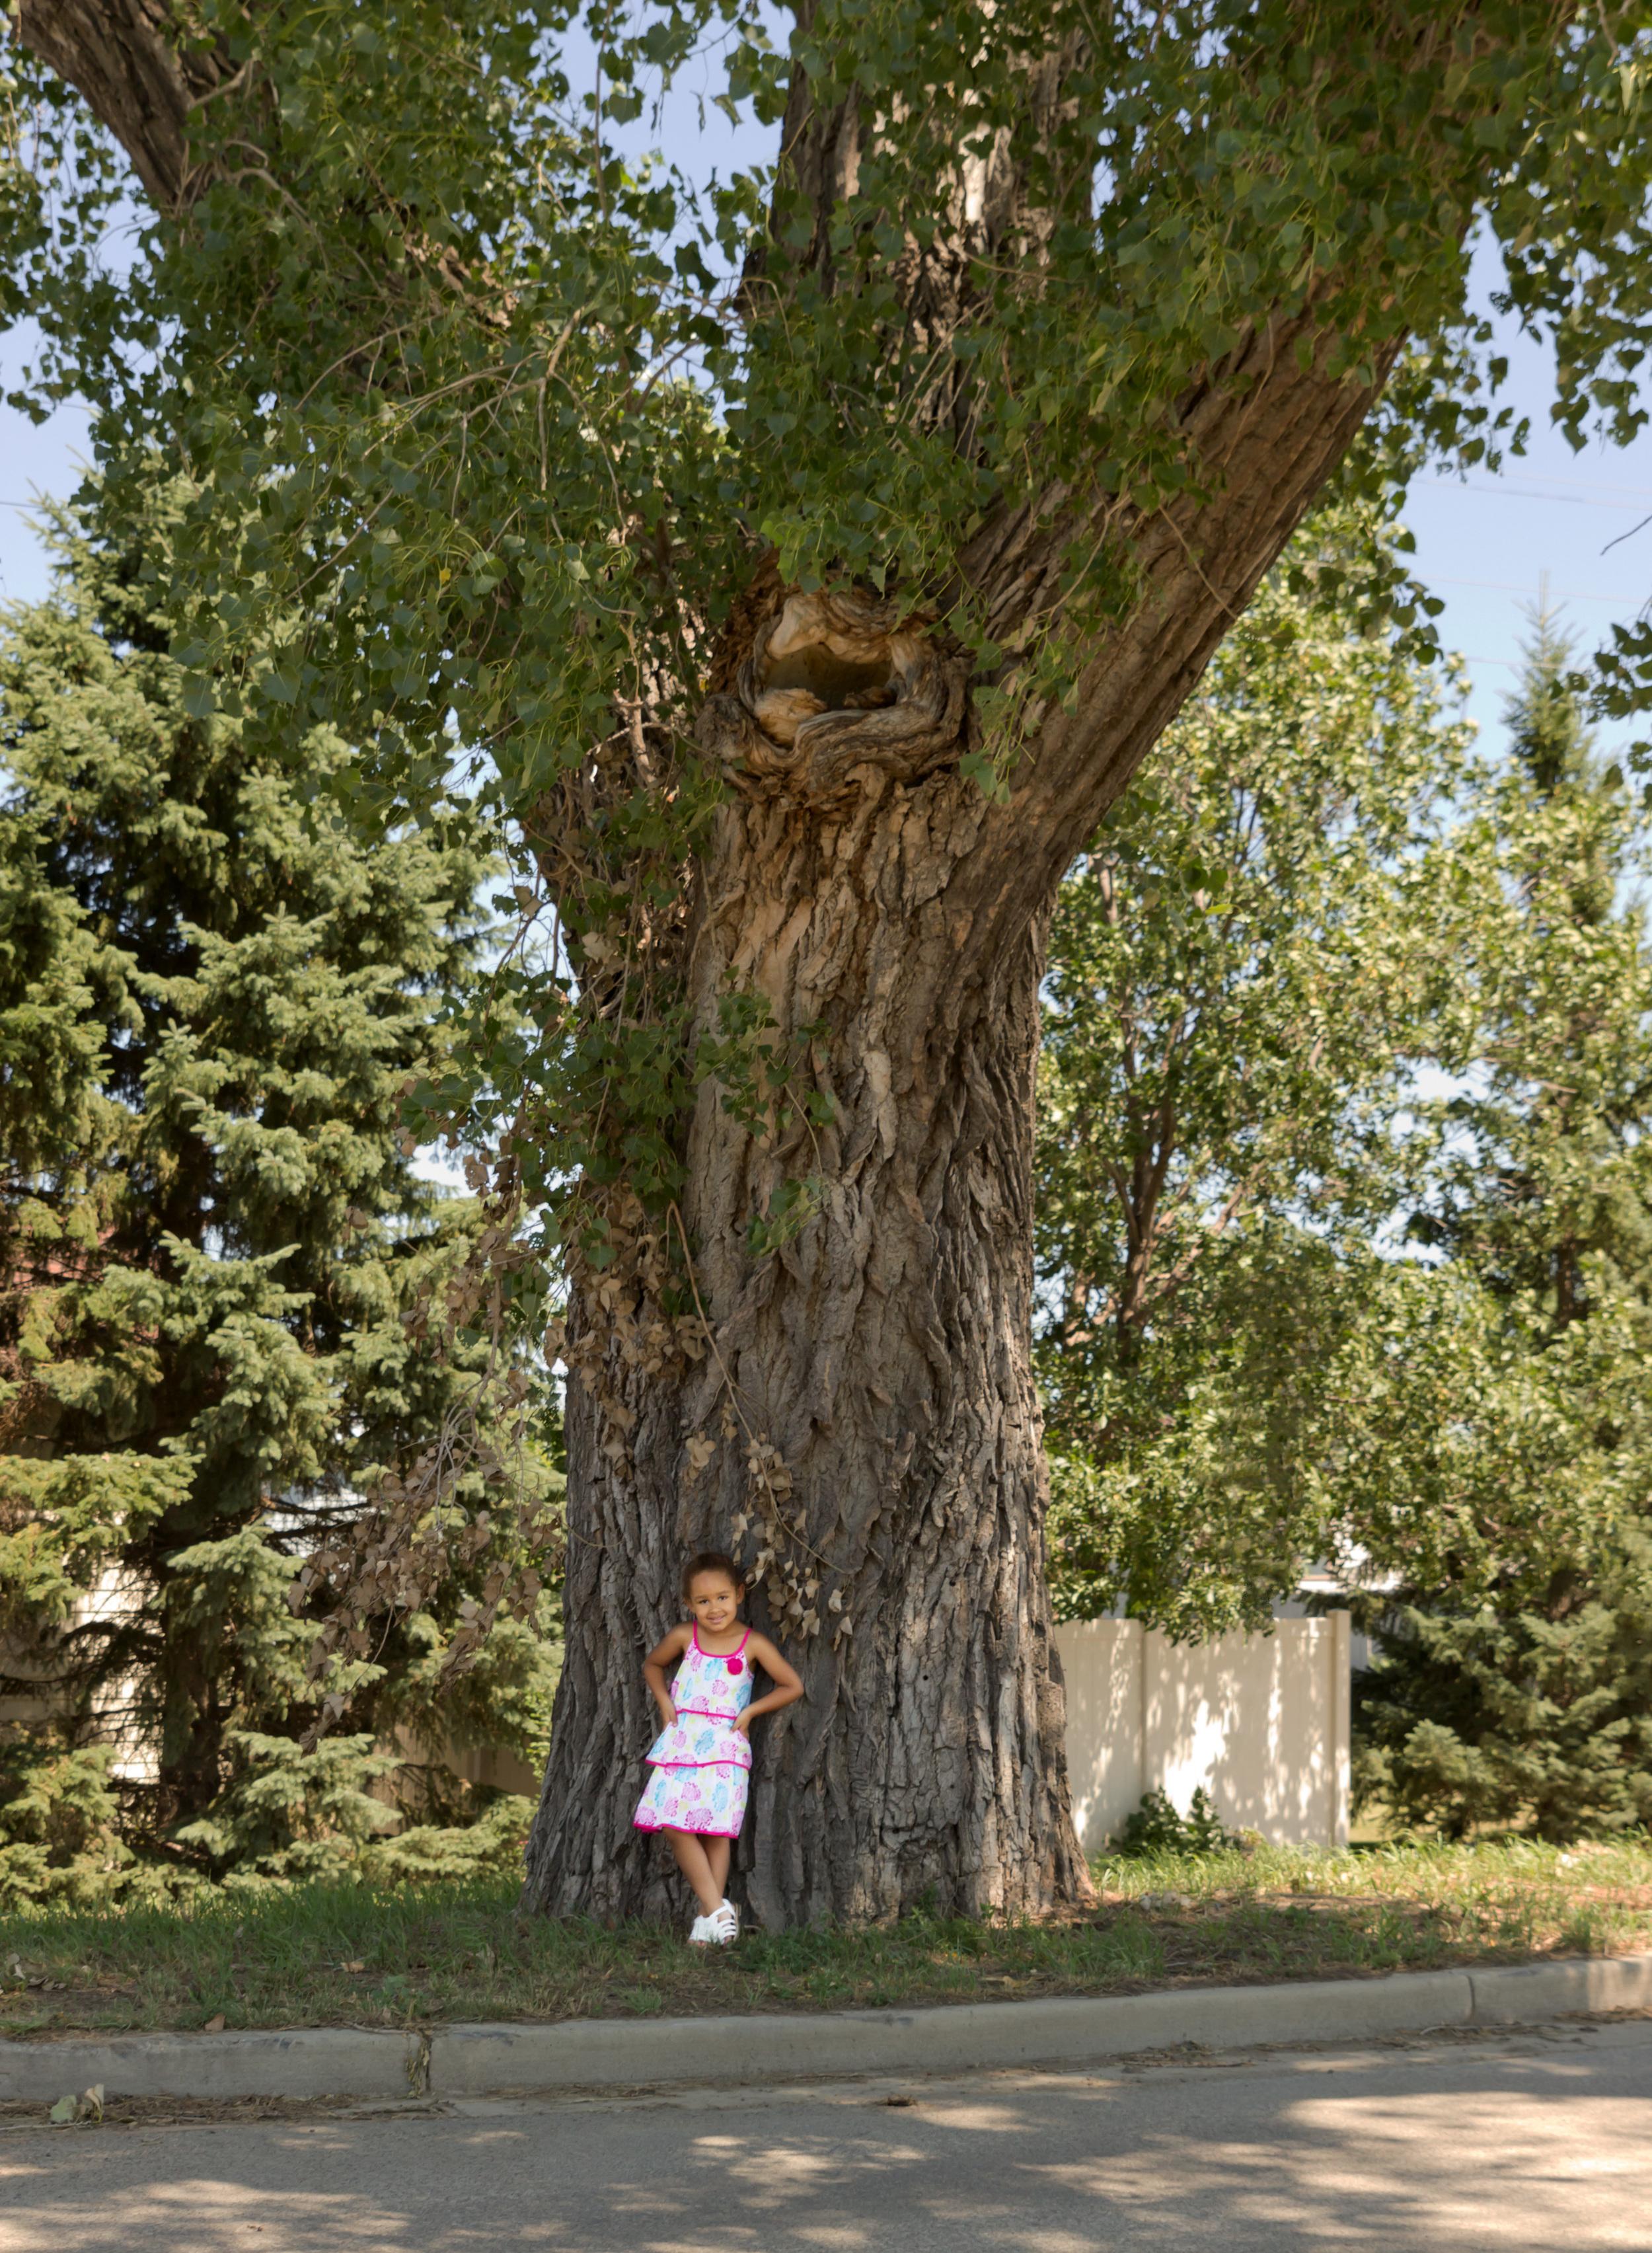 Little girl, BIG tree!